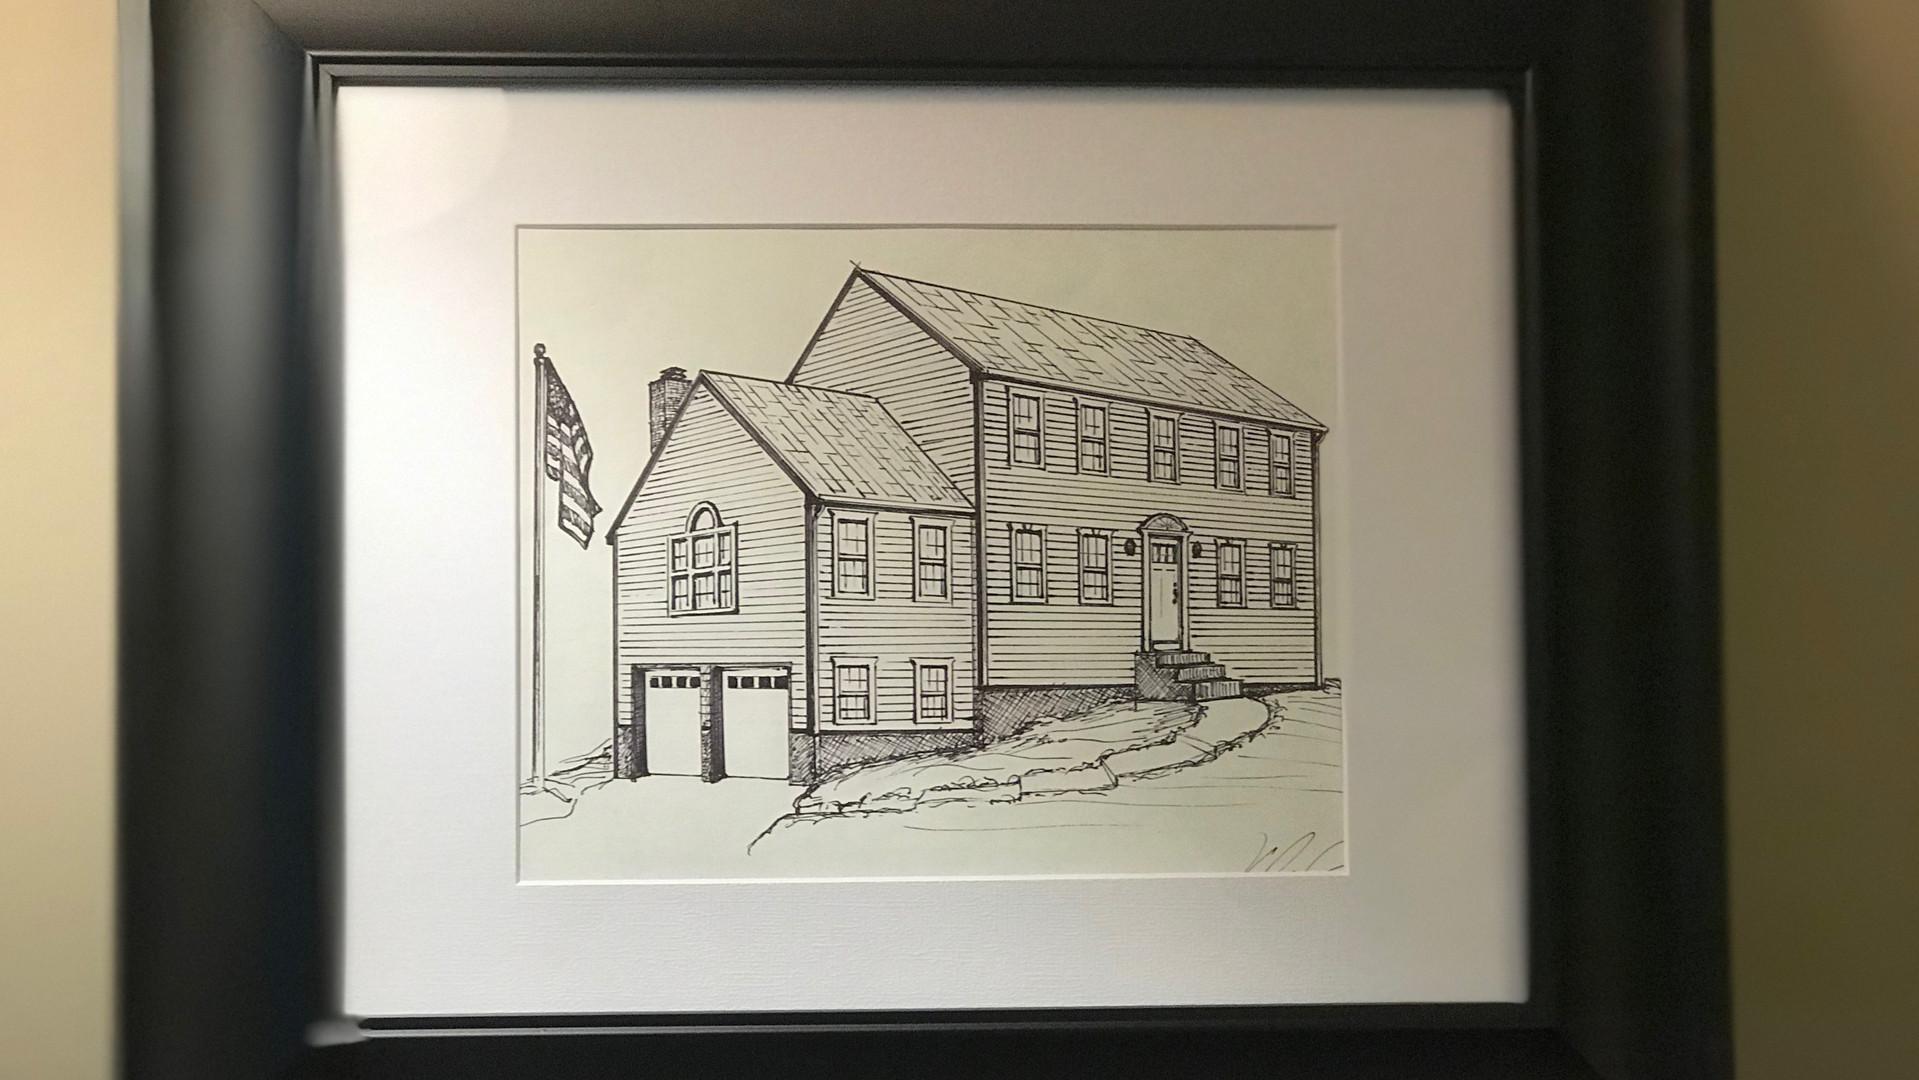 Home Sketch 2